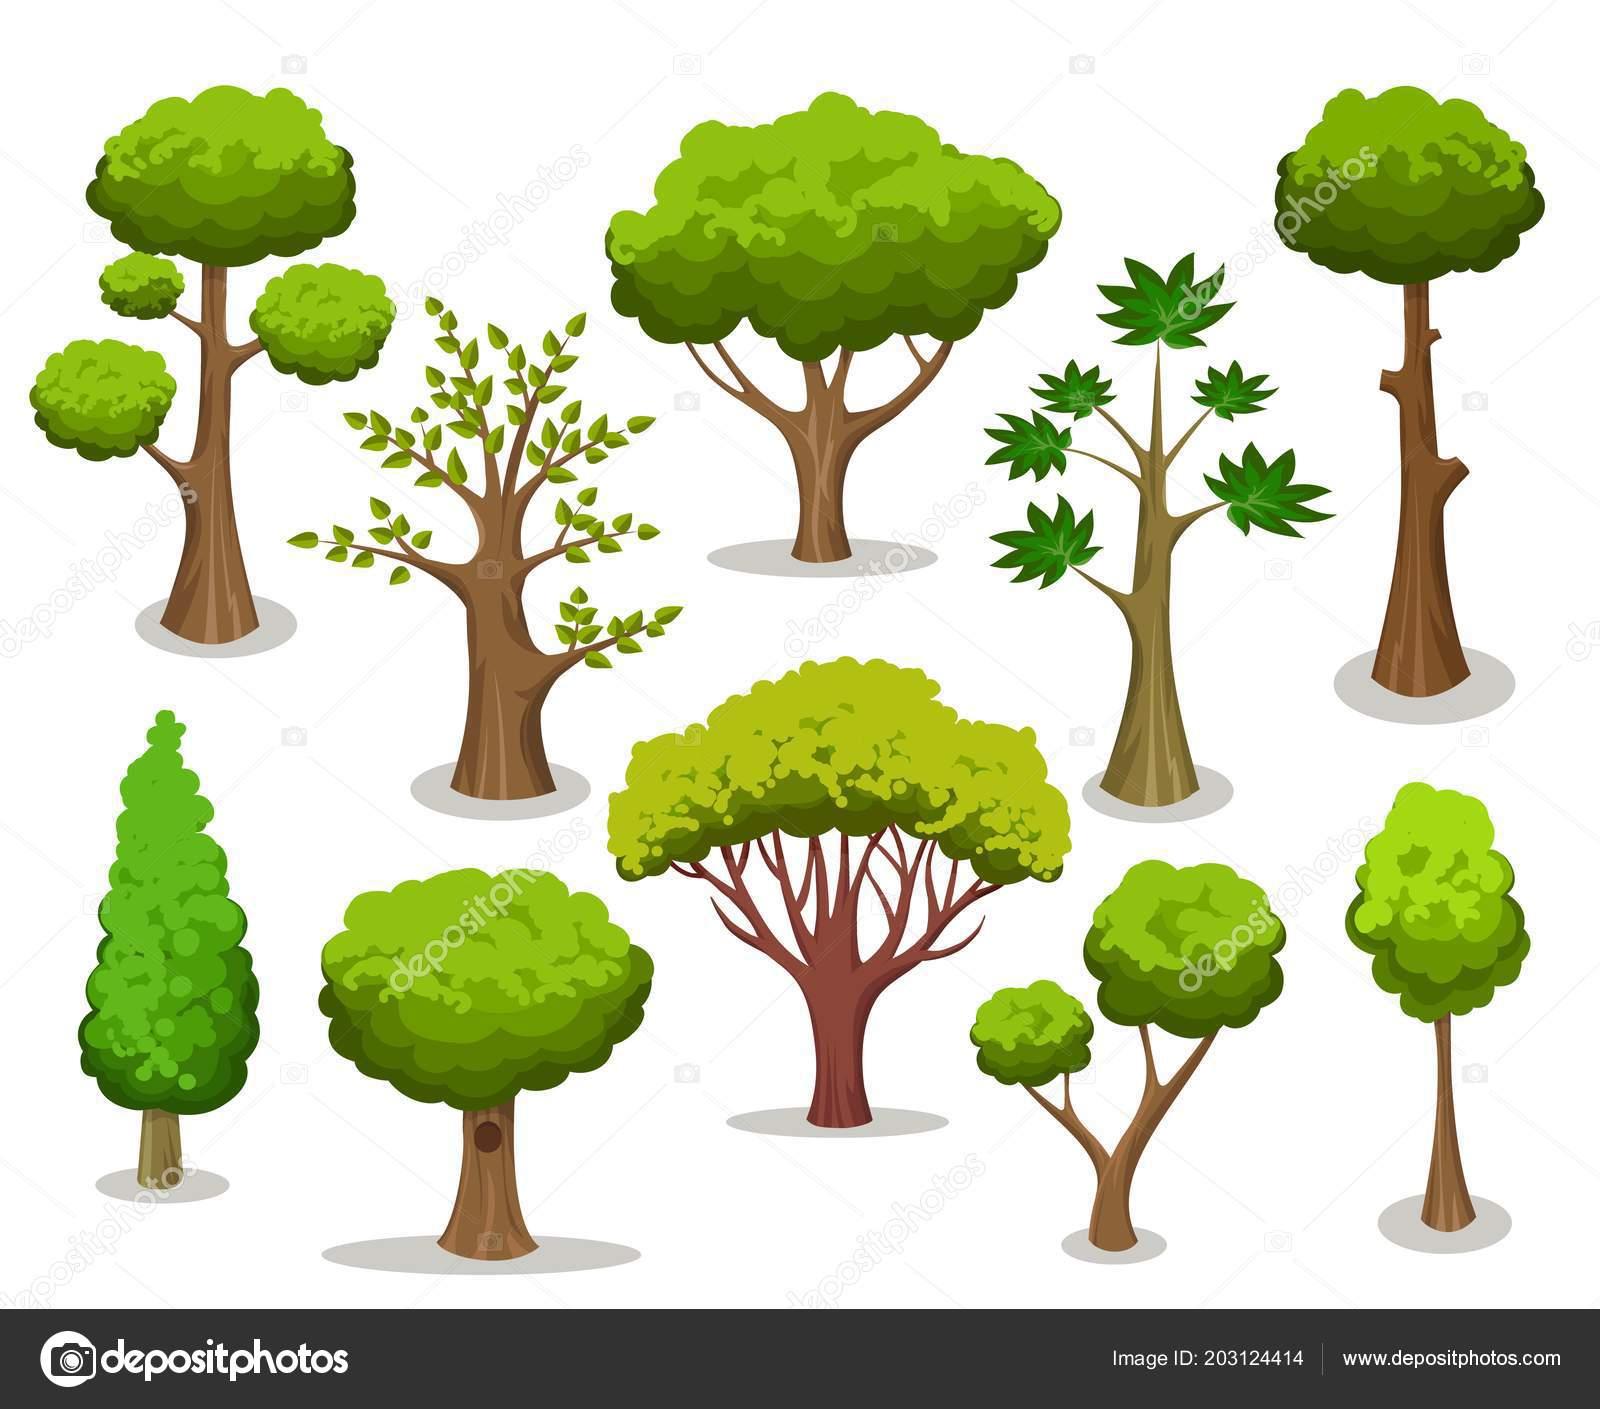 Clipart: cartoon trees.